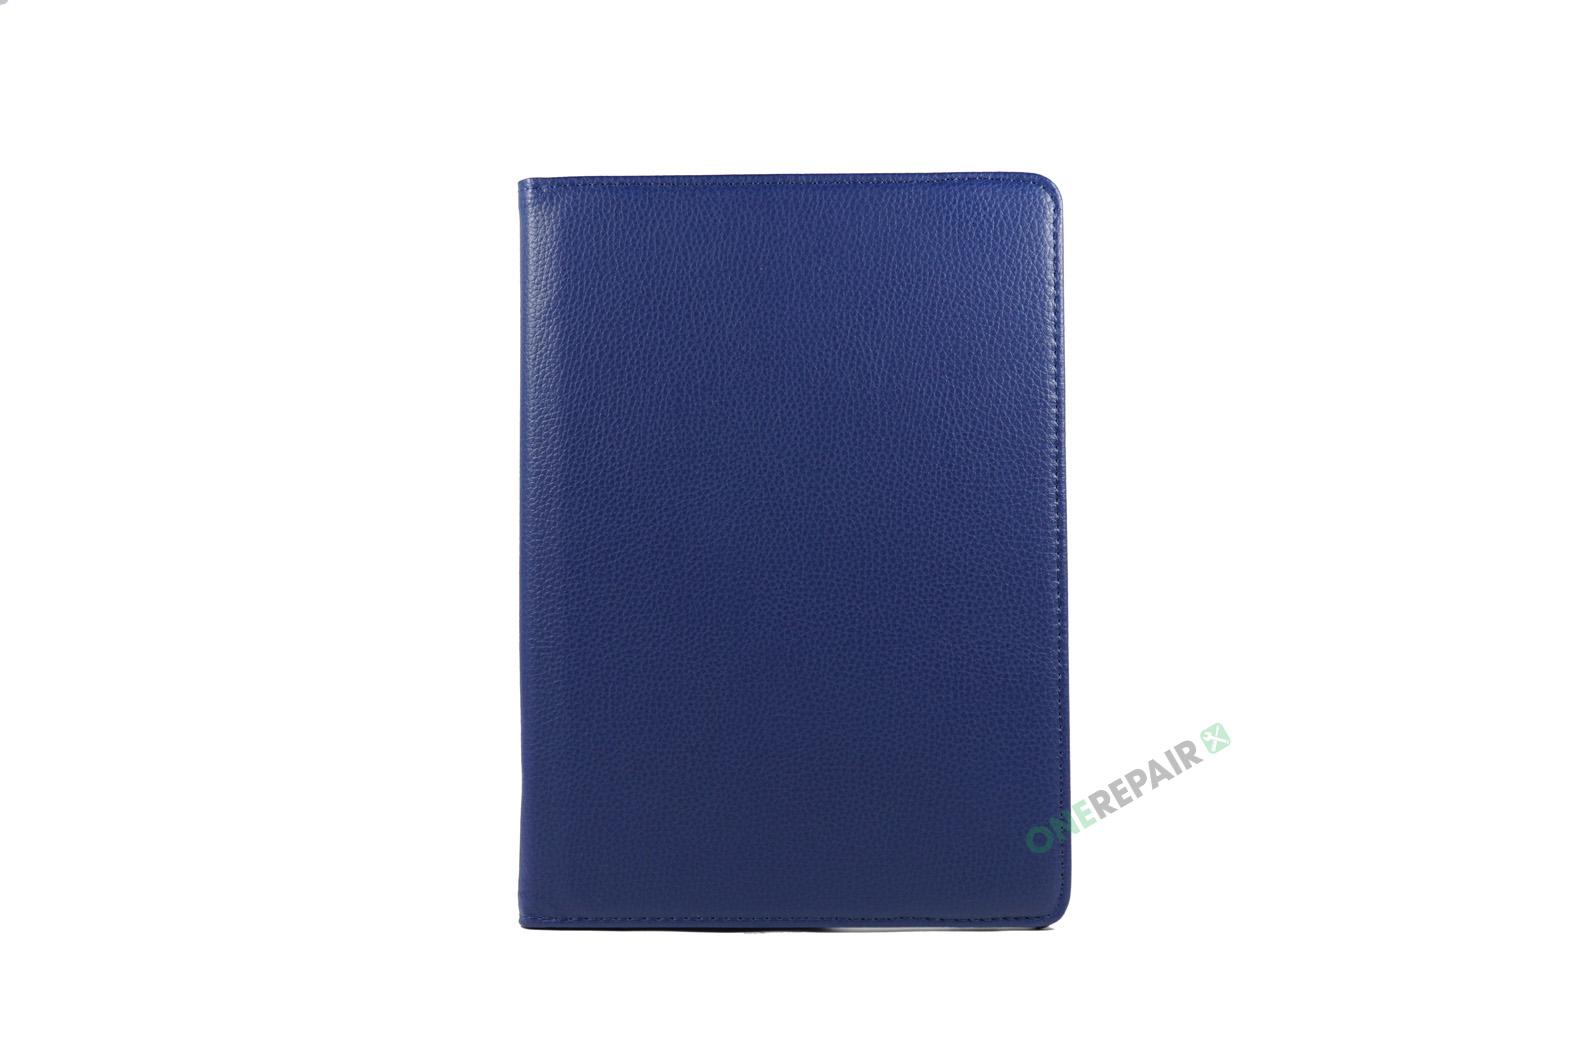 351181_iPad_Air_A1474_A1475_A1476_Flipcover_Cover_Blaa_Moerkeblaa_OneRepair_00002